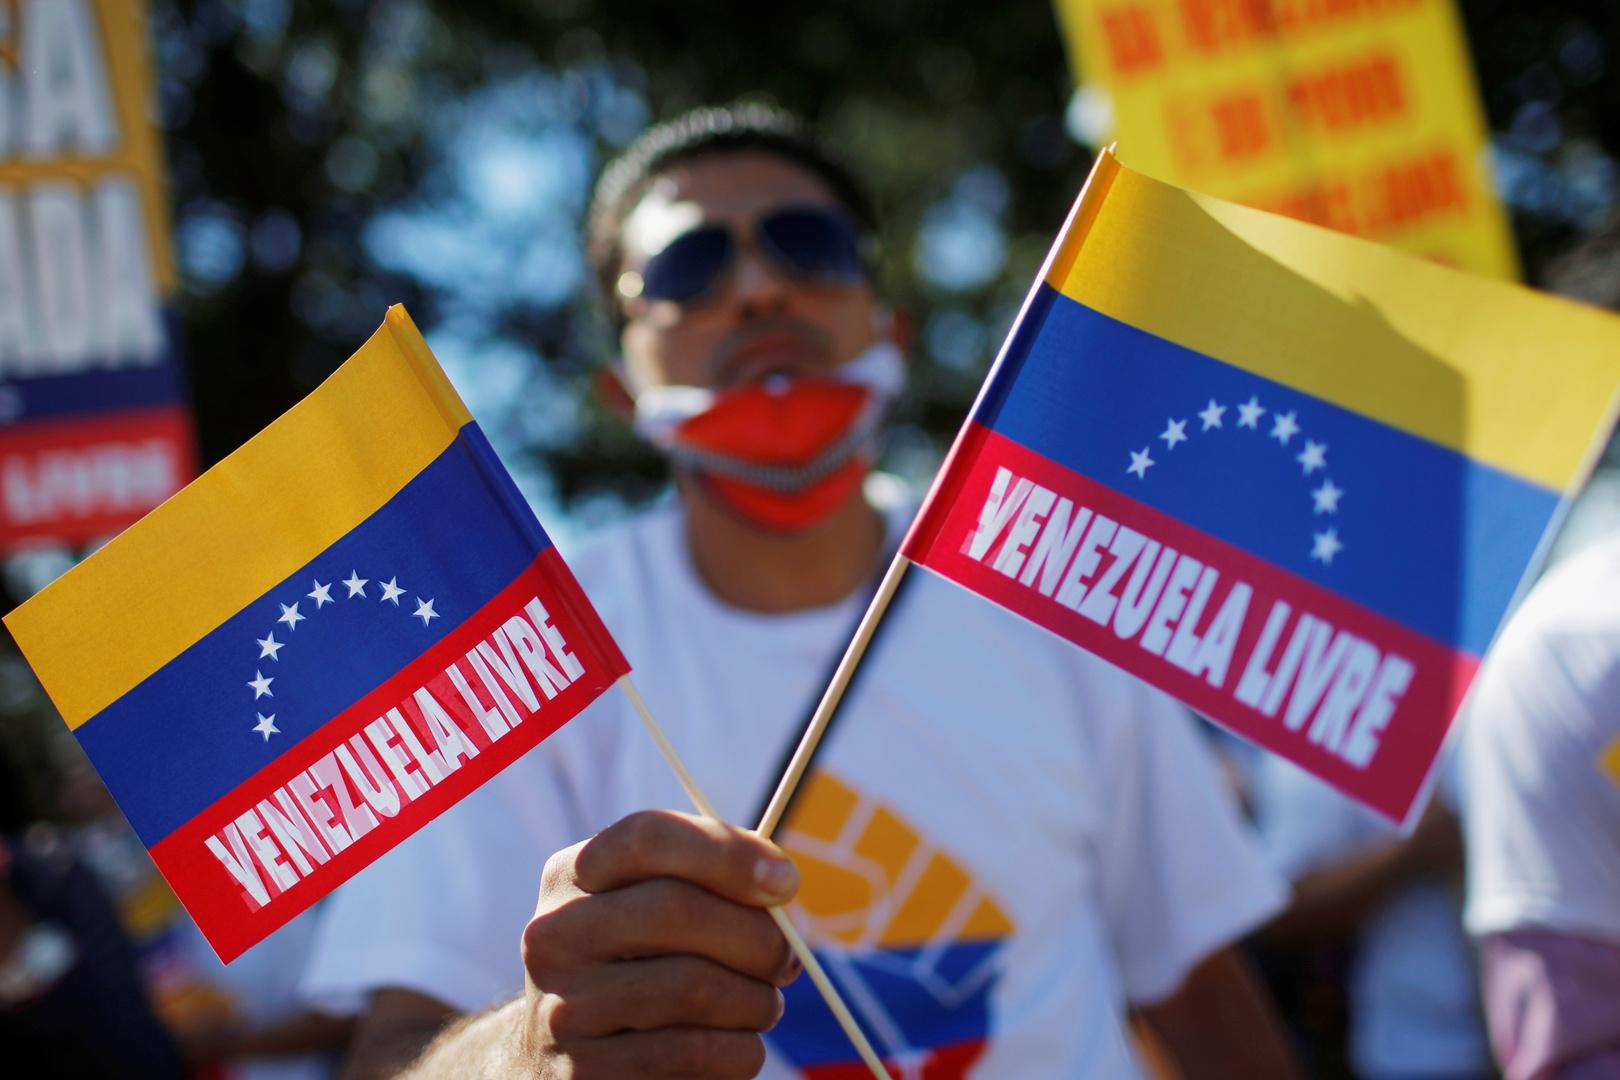 دراسة: ارتفاع معدل الفقر في فنزويلا إلى مستوى لم تشهده أمريكا اللاتينية